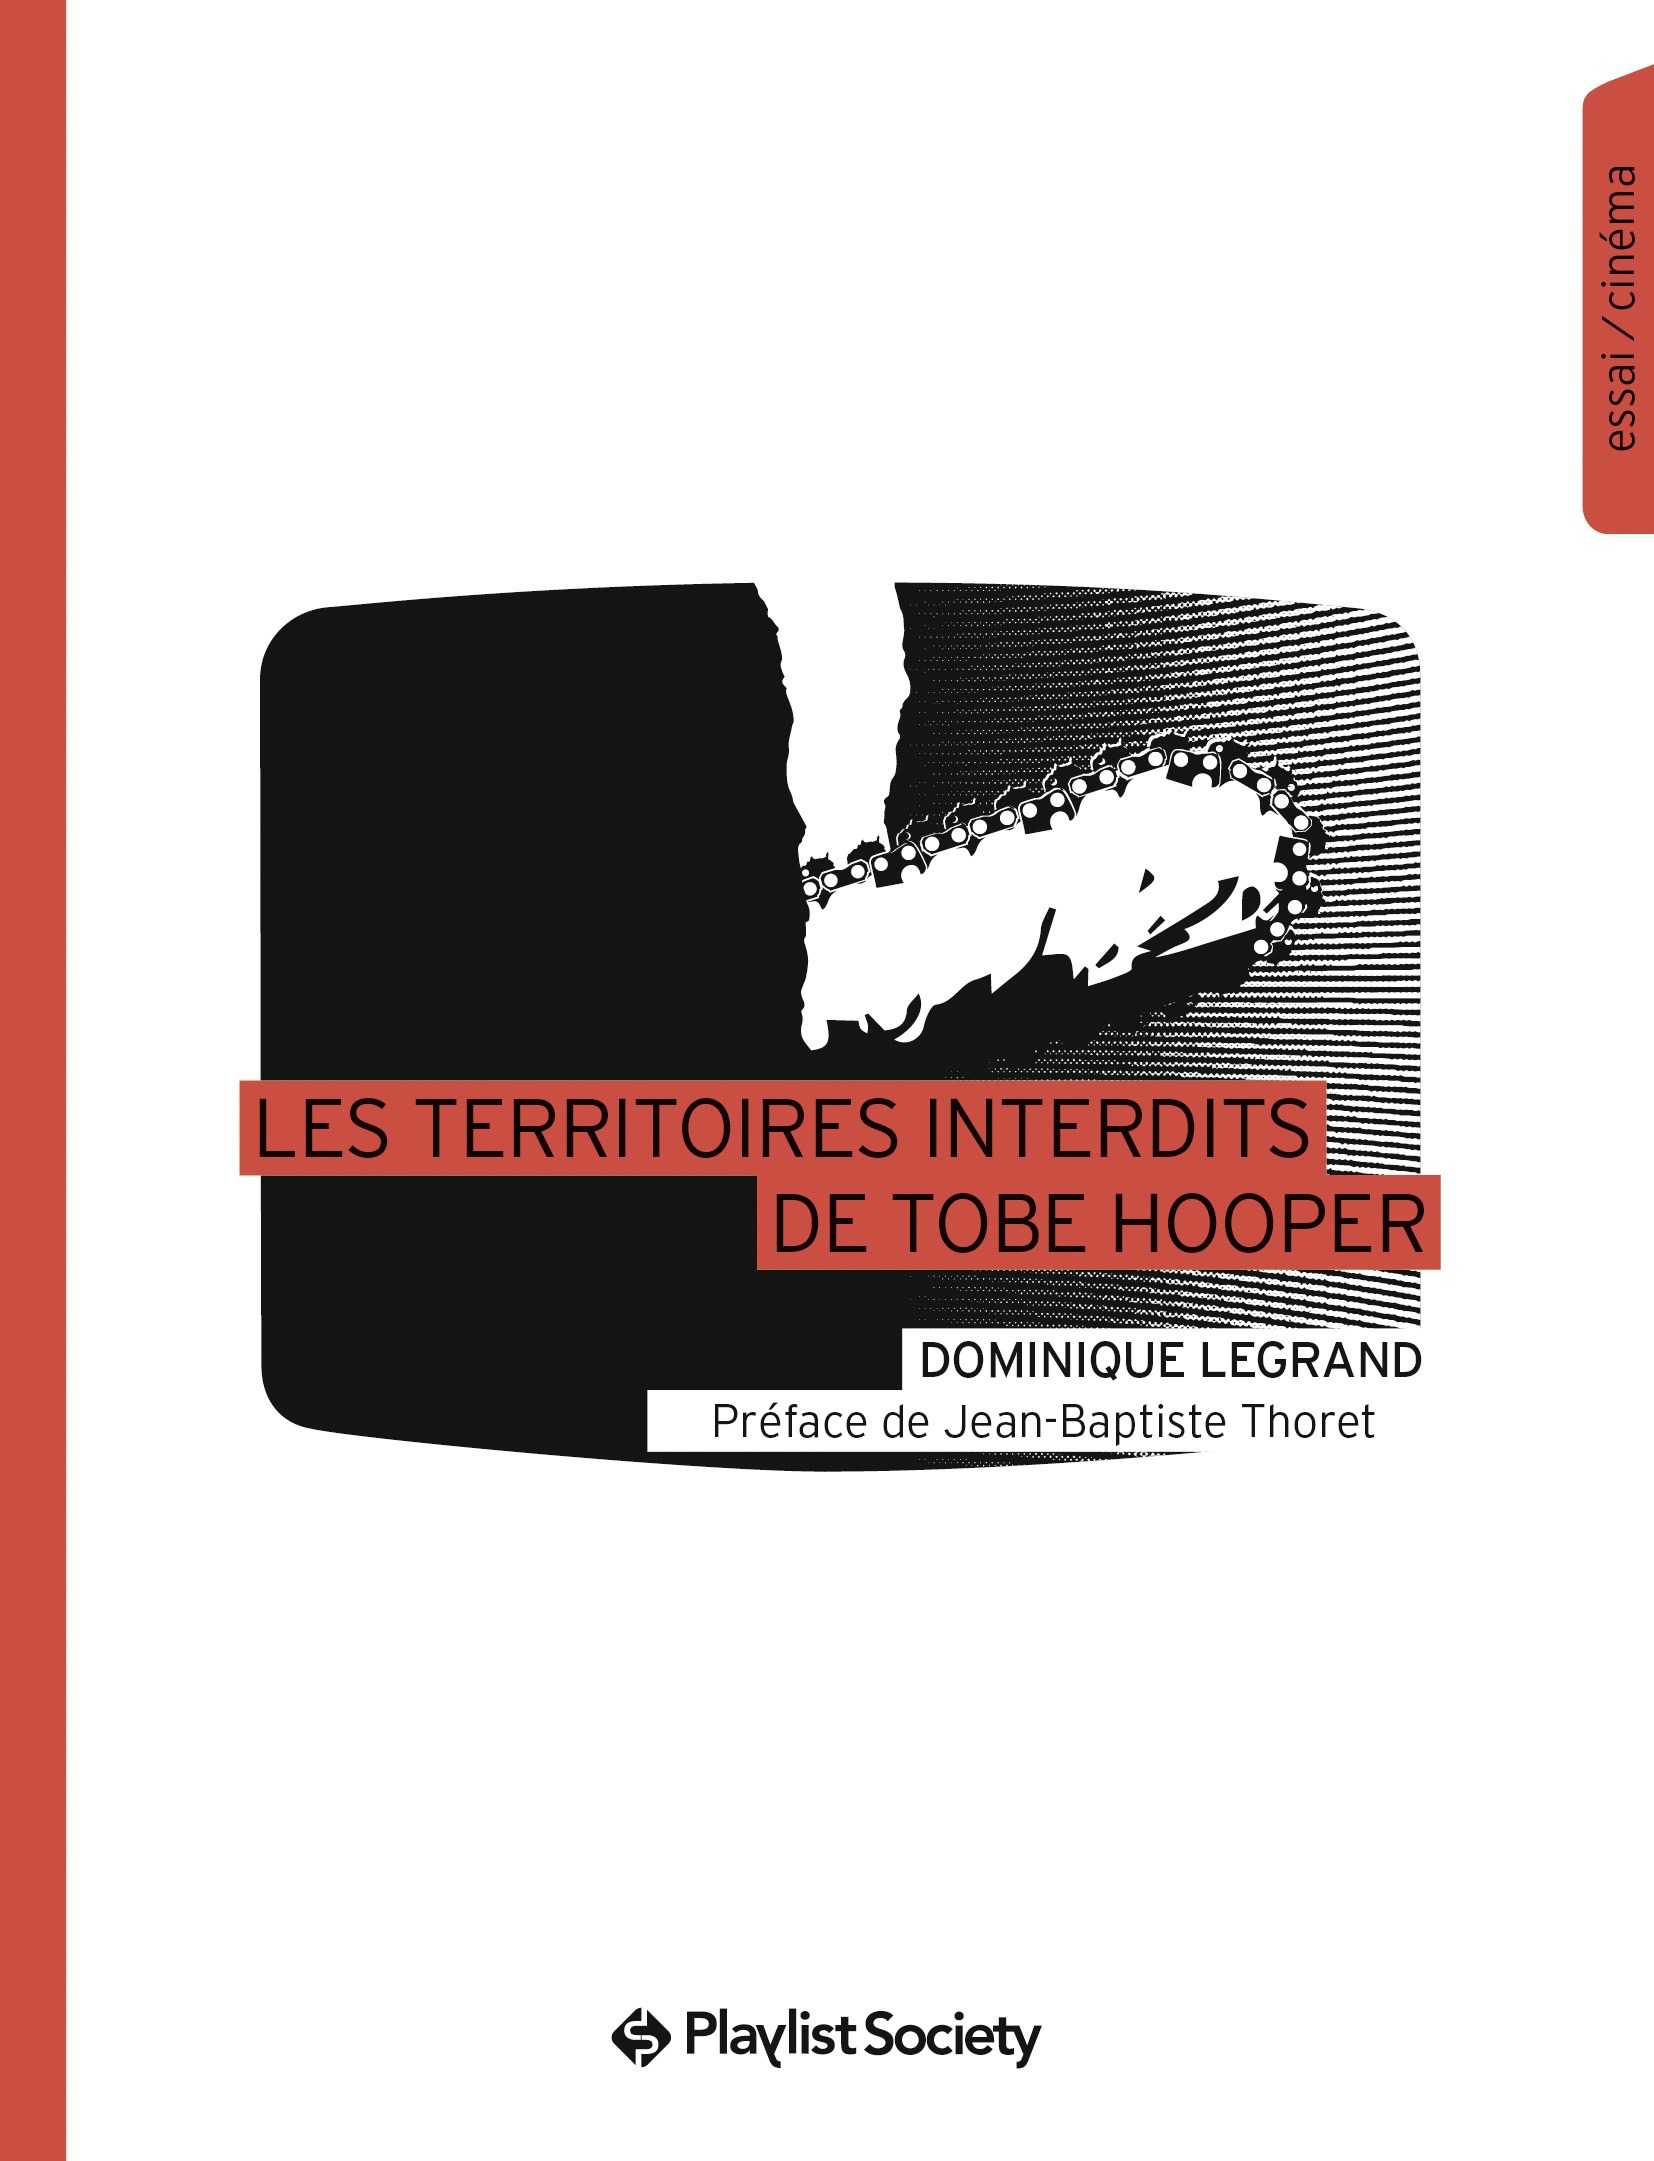 Les Territoires interdits de Tobe Hooper